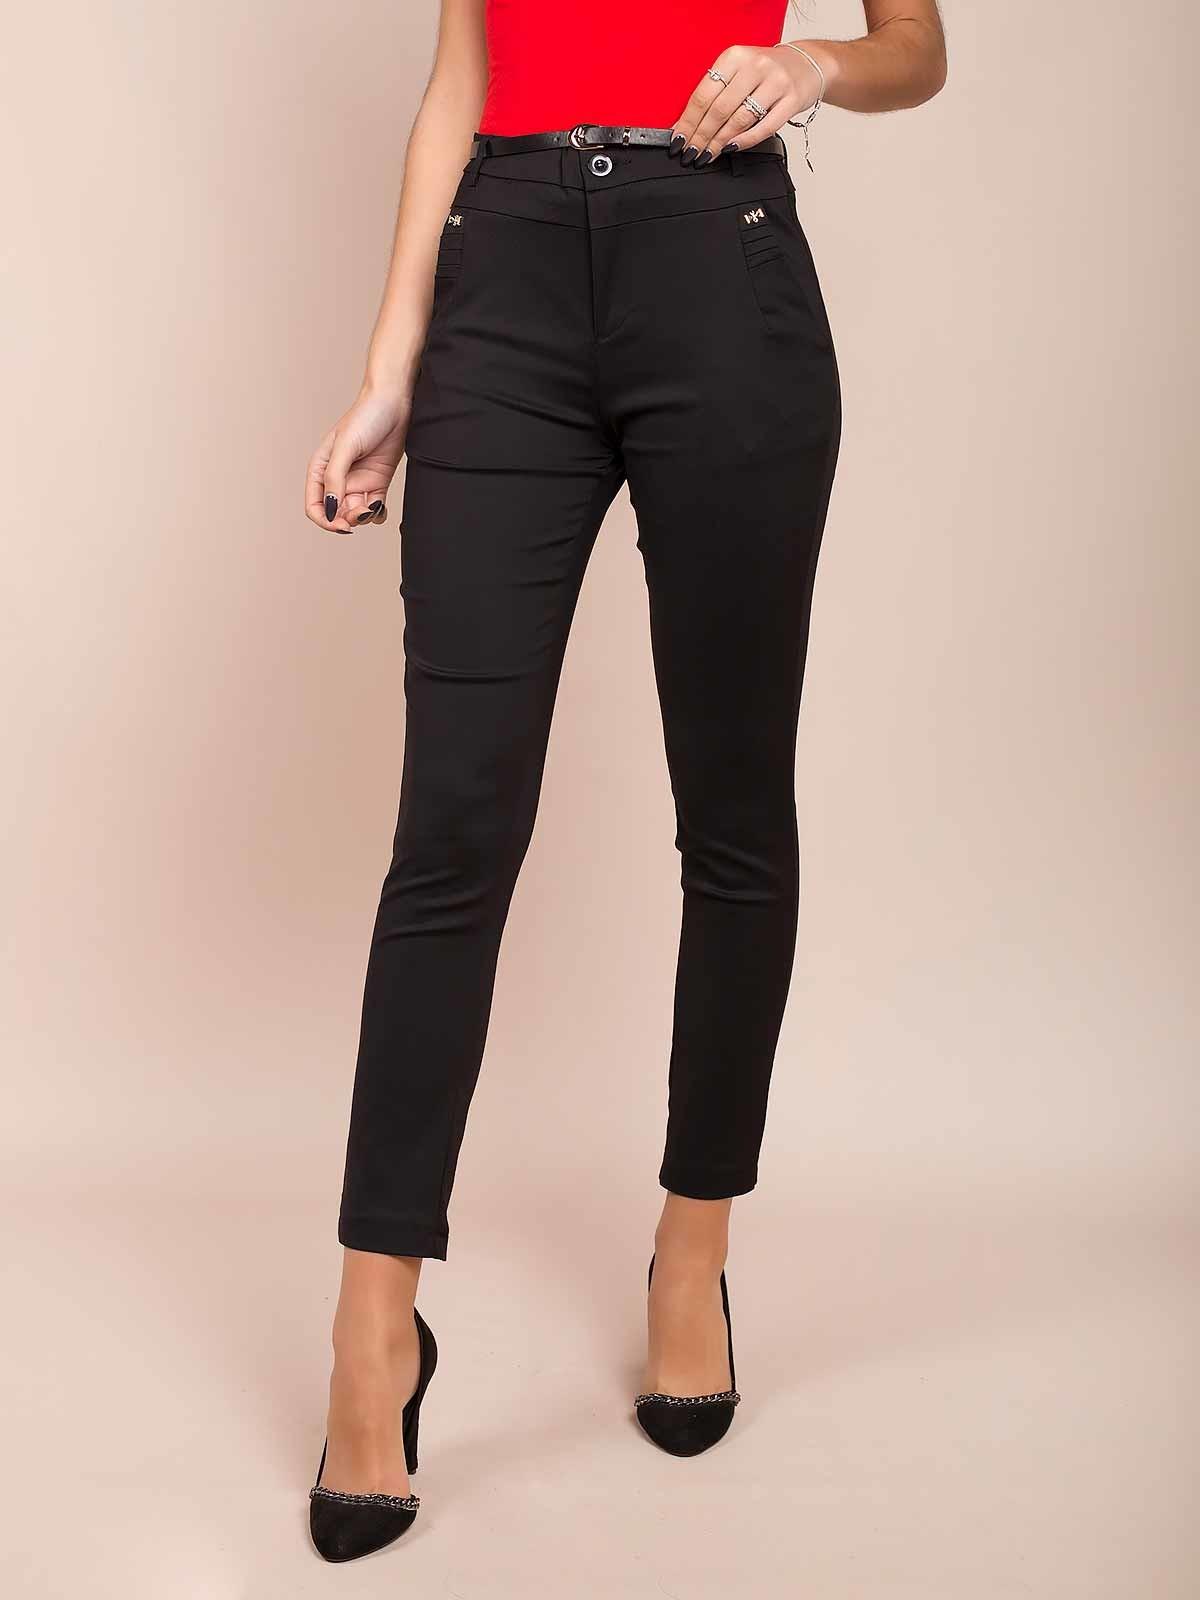 Pantalones ajustados con cinturón